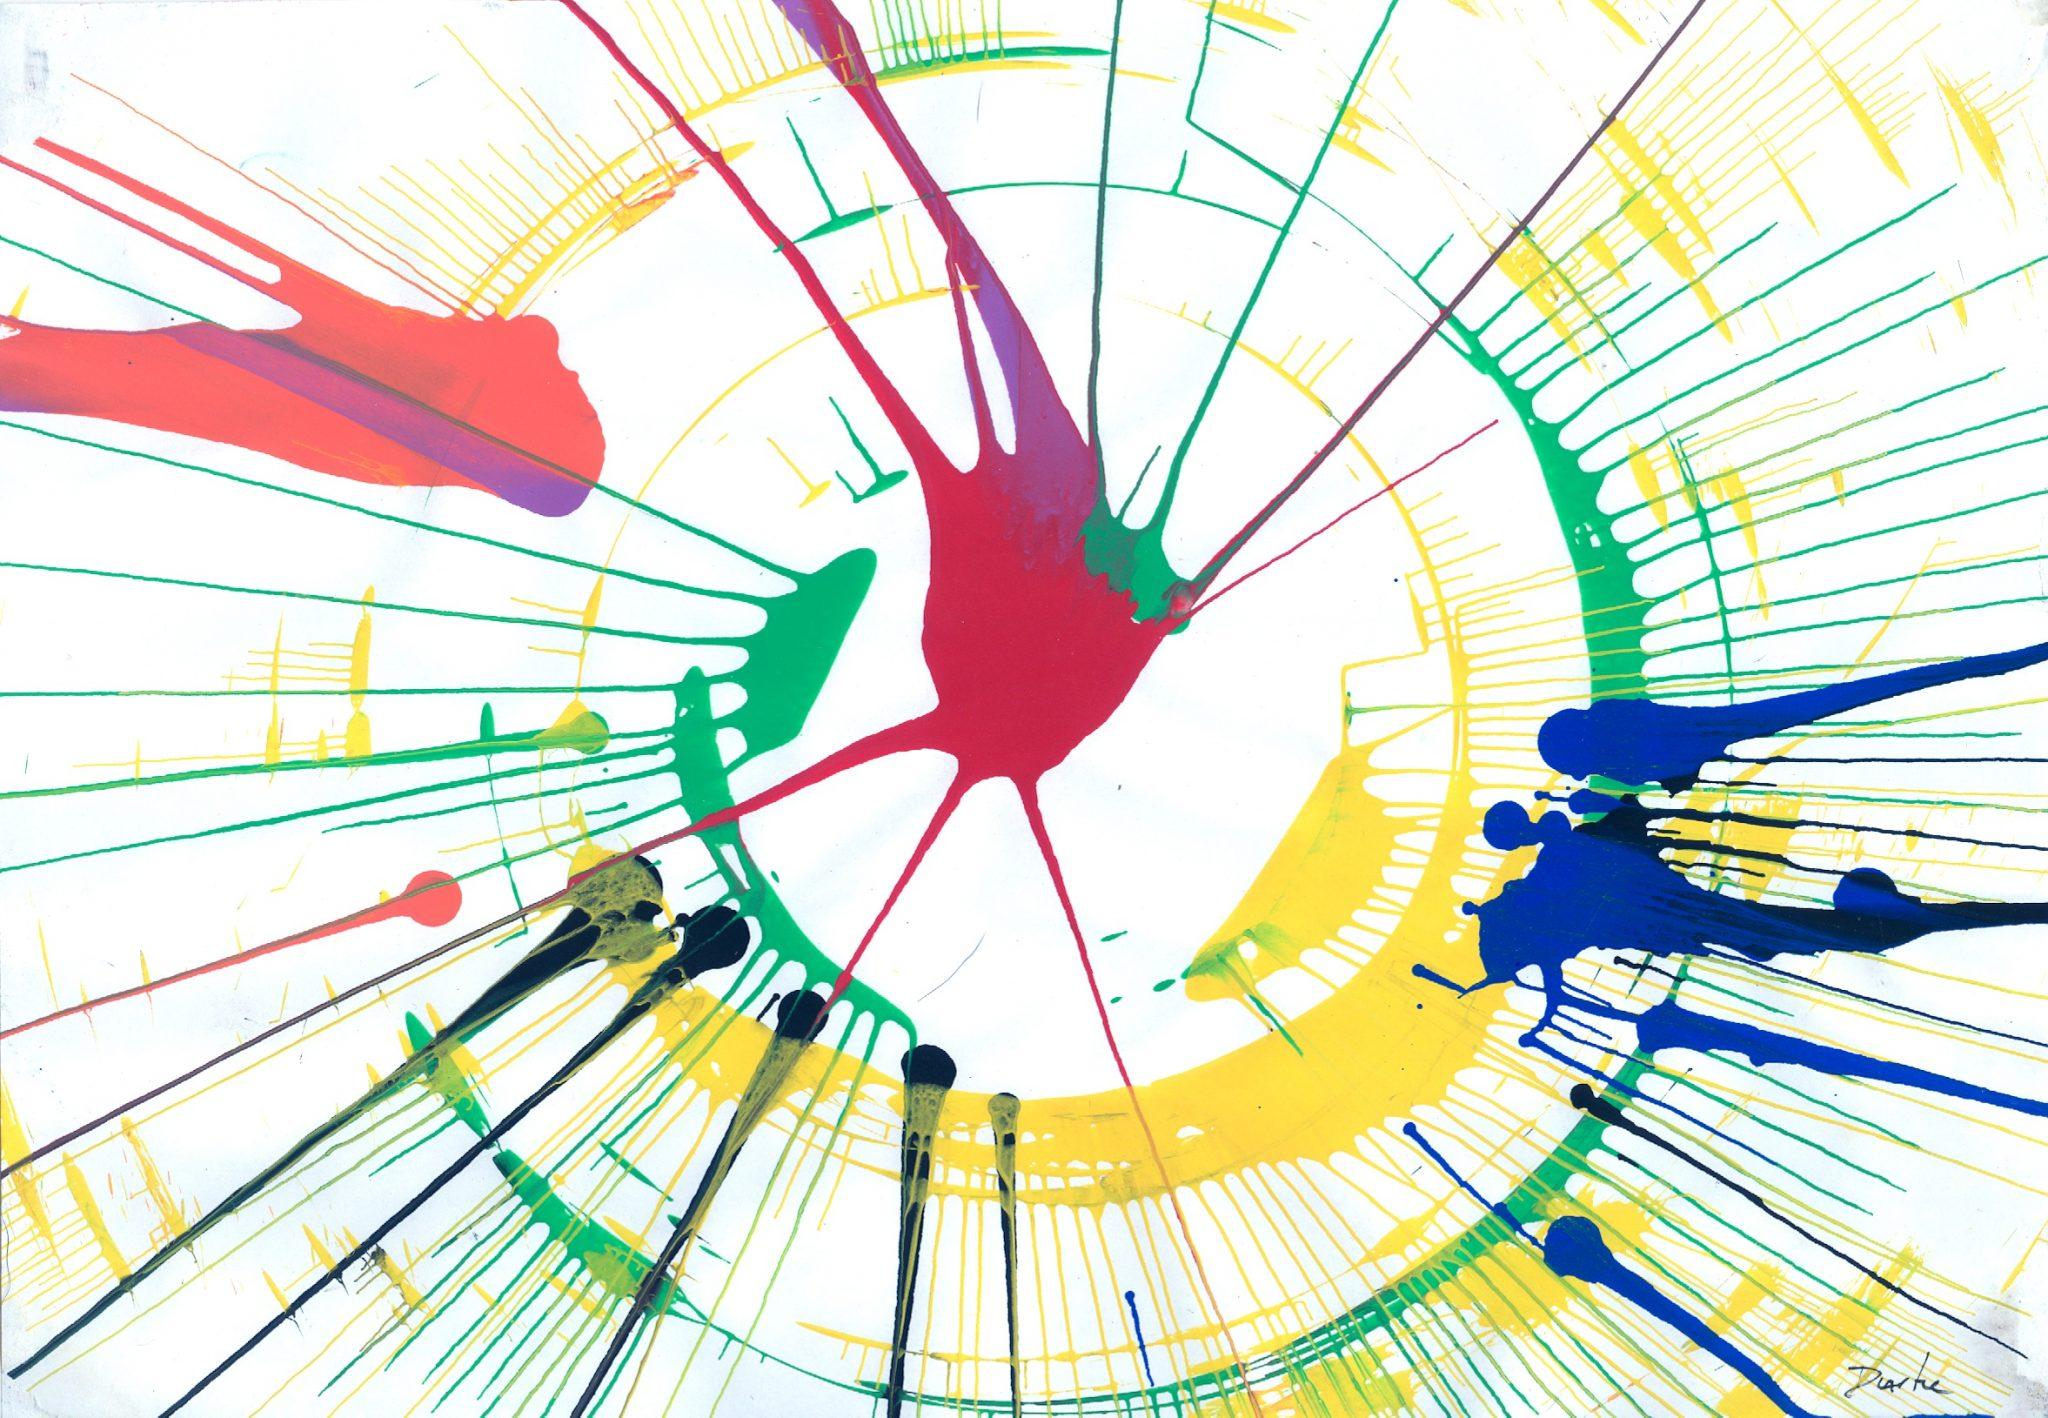 PinturaAleatoria AD3 - A Arte de Zimaldo Bactéria